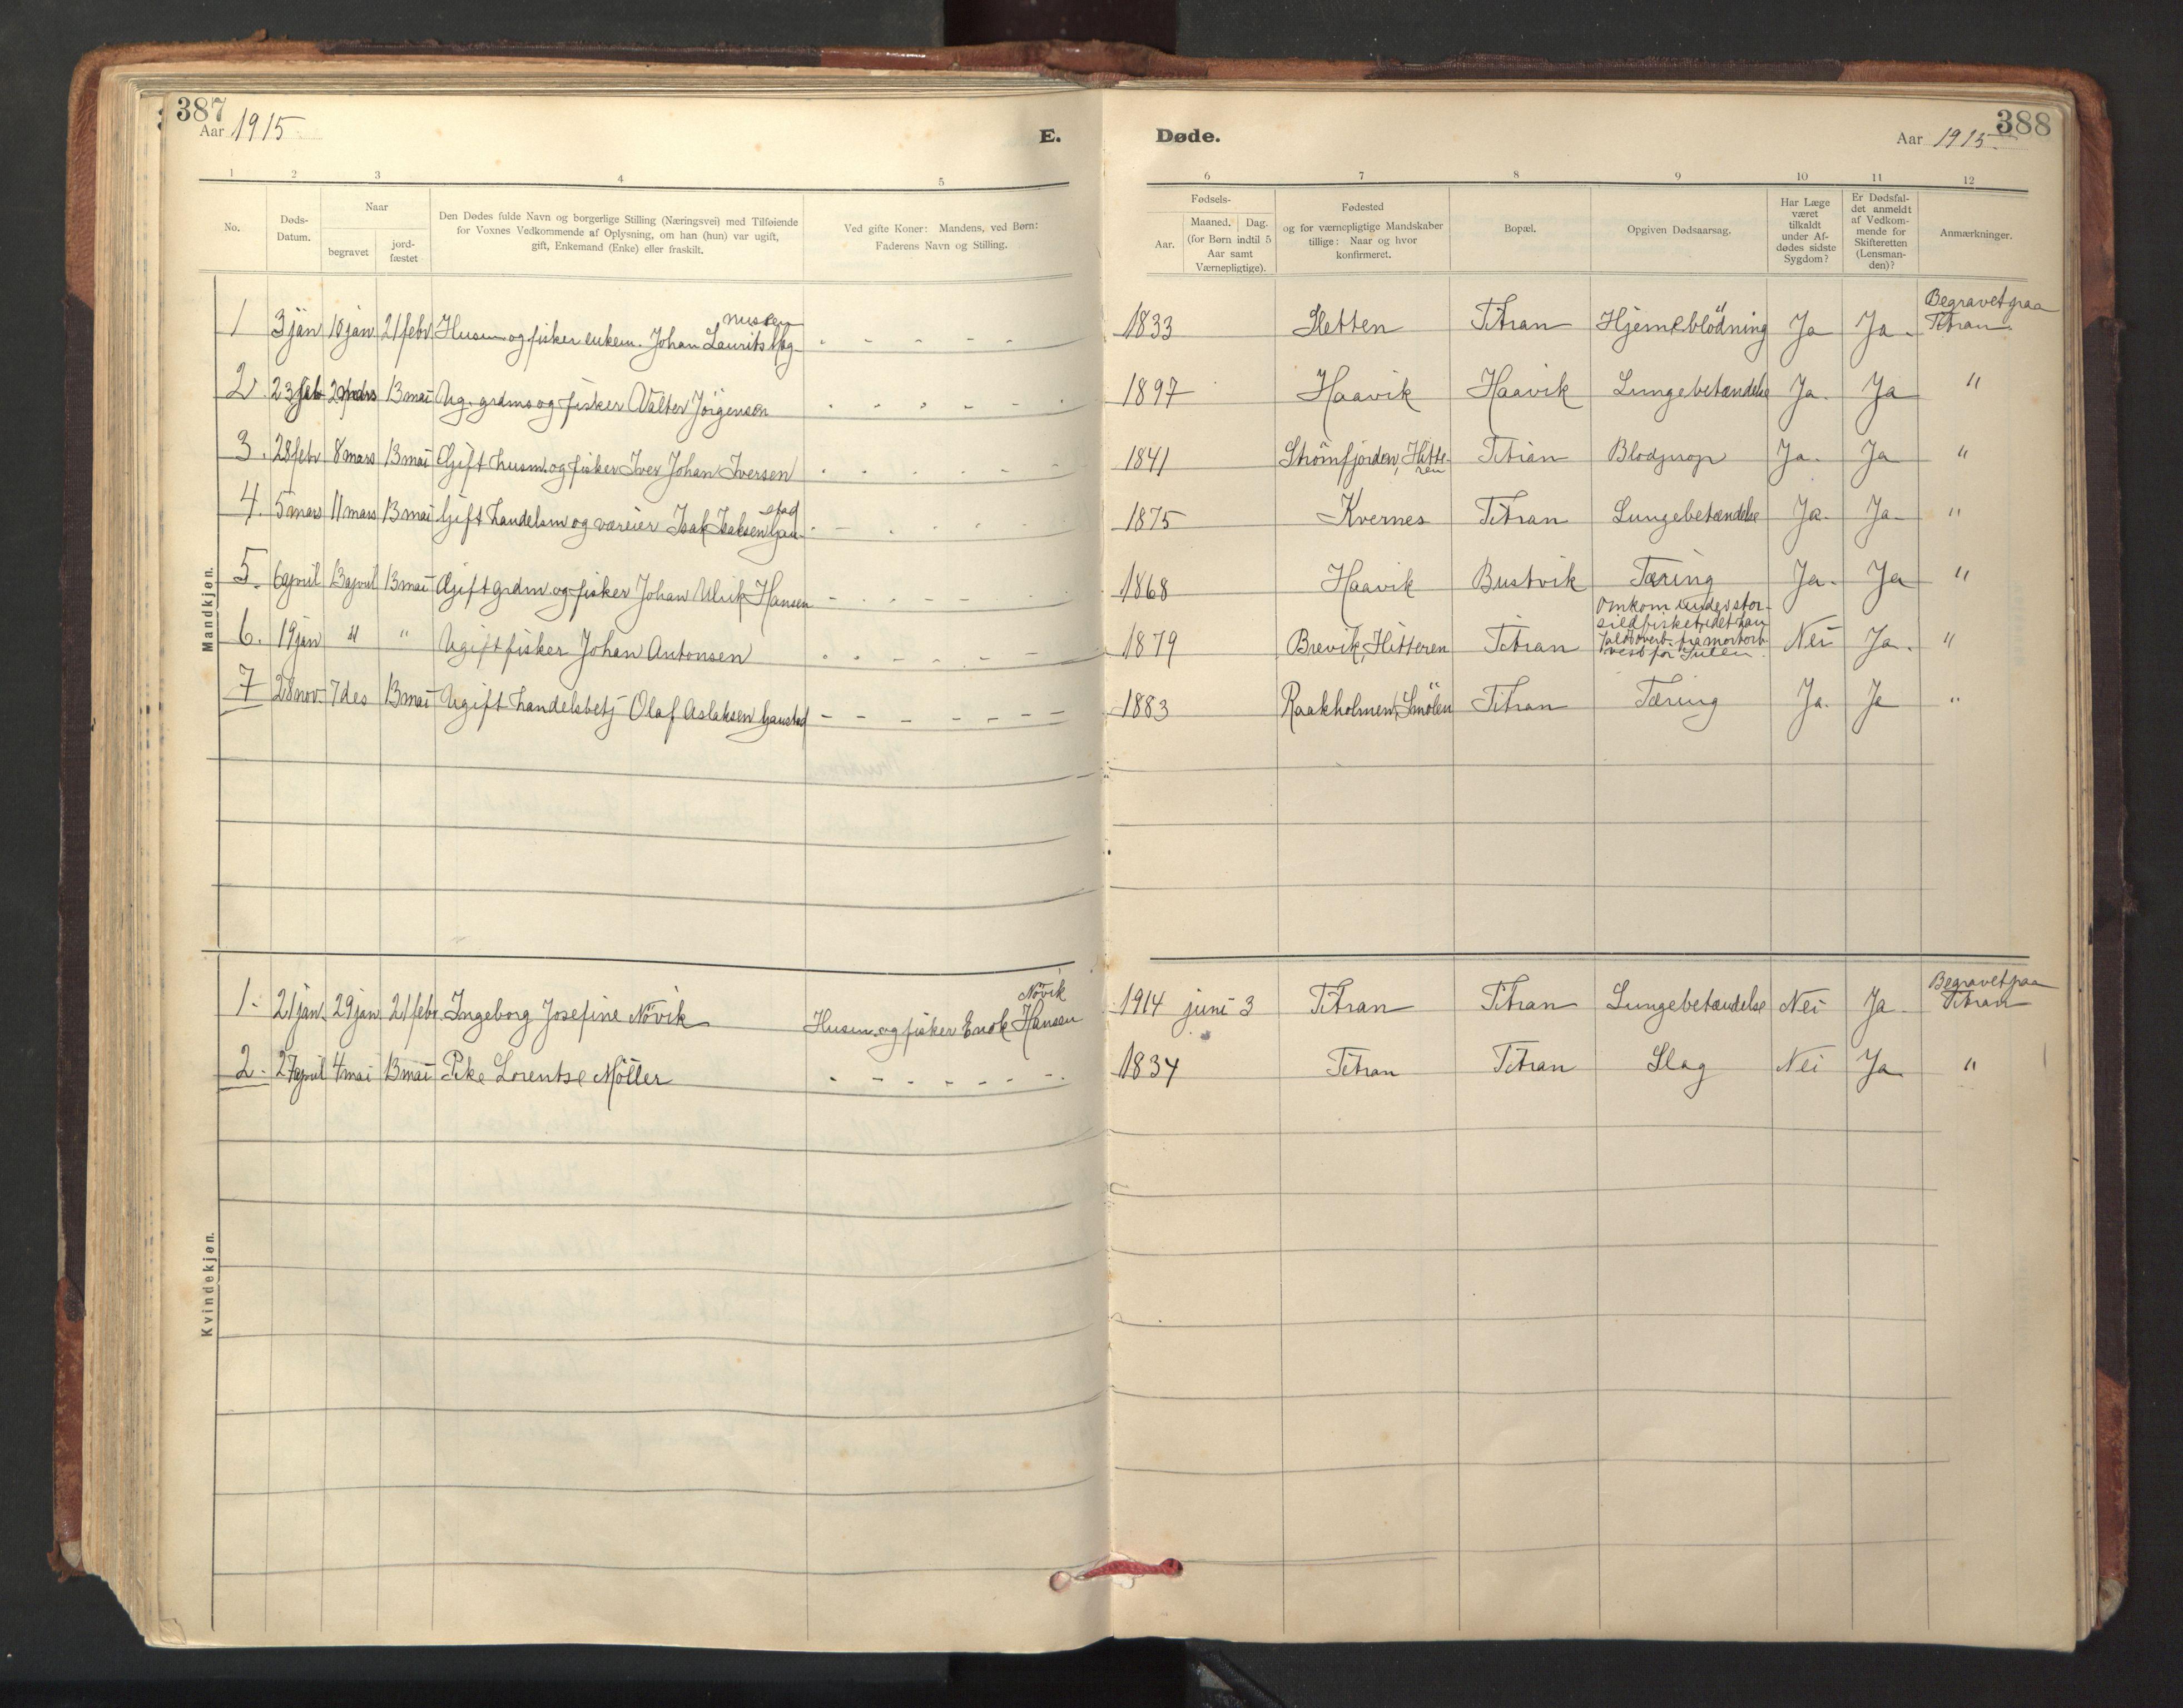 SAT, Ministerialprotokoller, klokkerbøker og fødselsregistre - Sør-Trøndelag, 641/L0596: Ministerialbok nr. 641A02, 1898-1915, s. 387-388